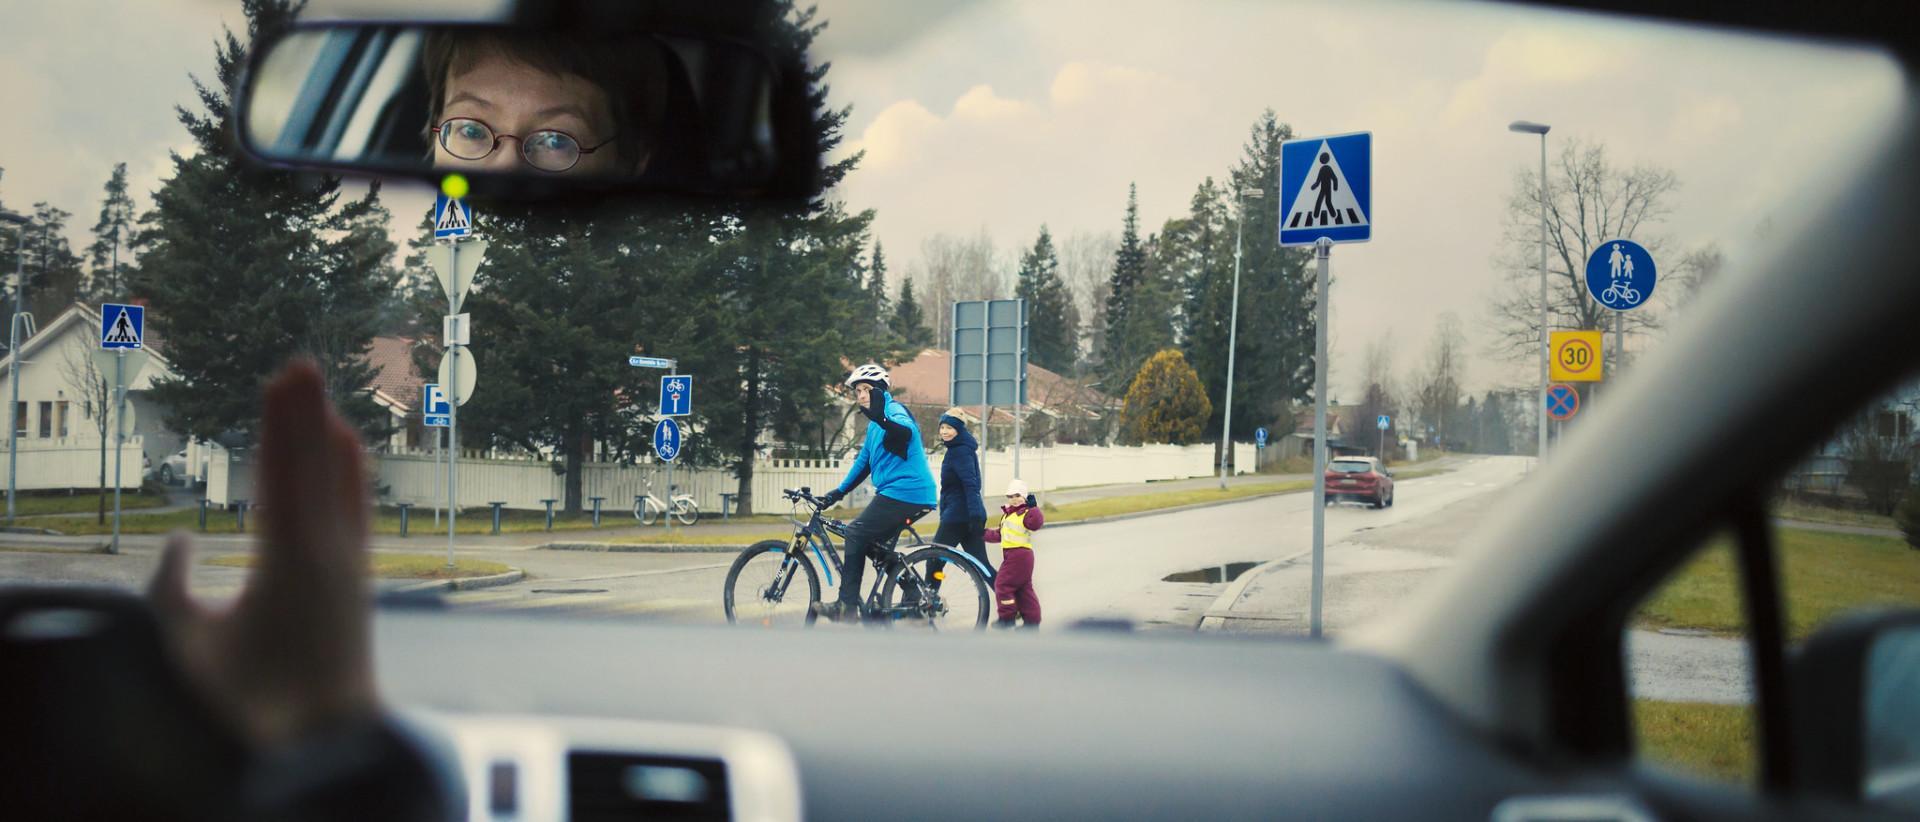 Auton kuljettaja antaa tietä pyöräilijälle ja kävelijöille oikein liikenneympyrästä poistuessaan 30 km/h nopeusalueella.